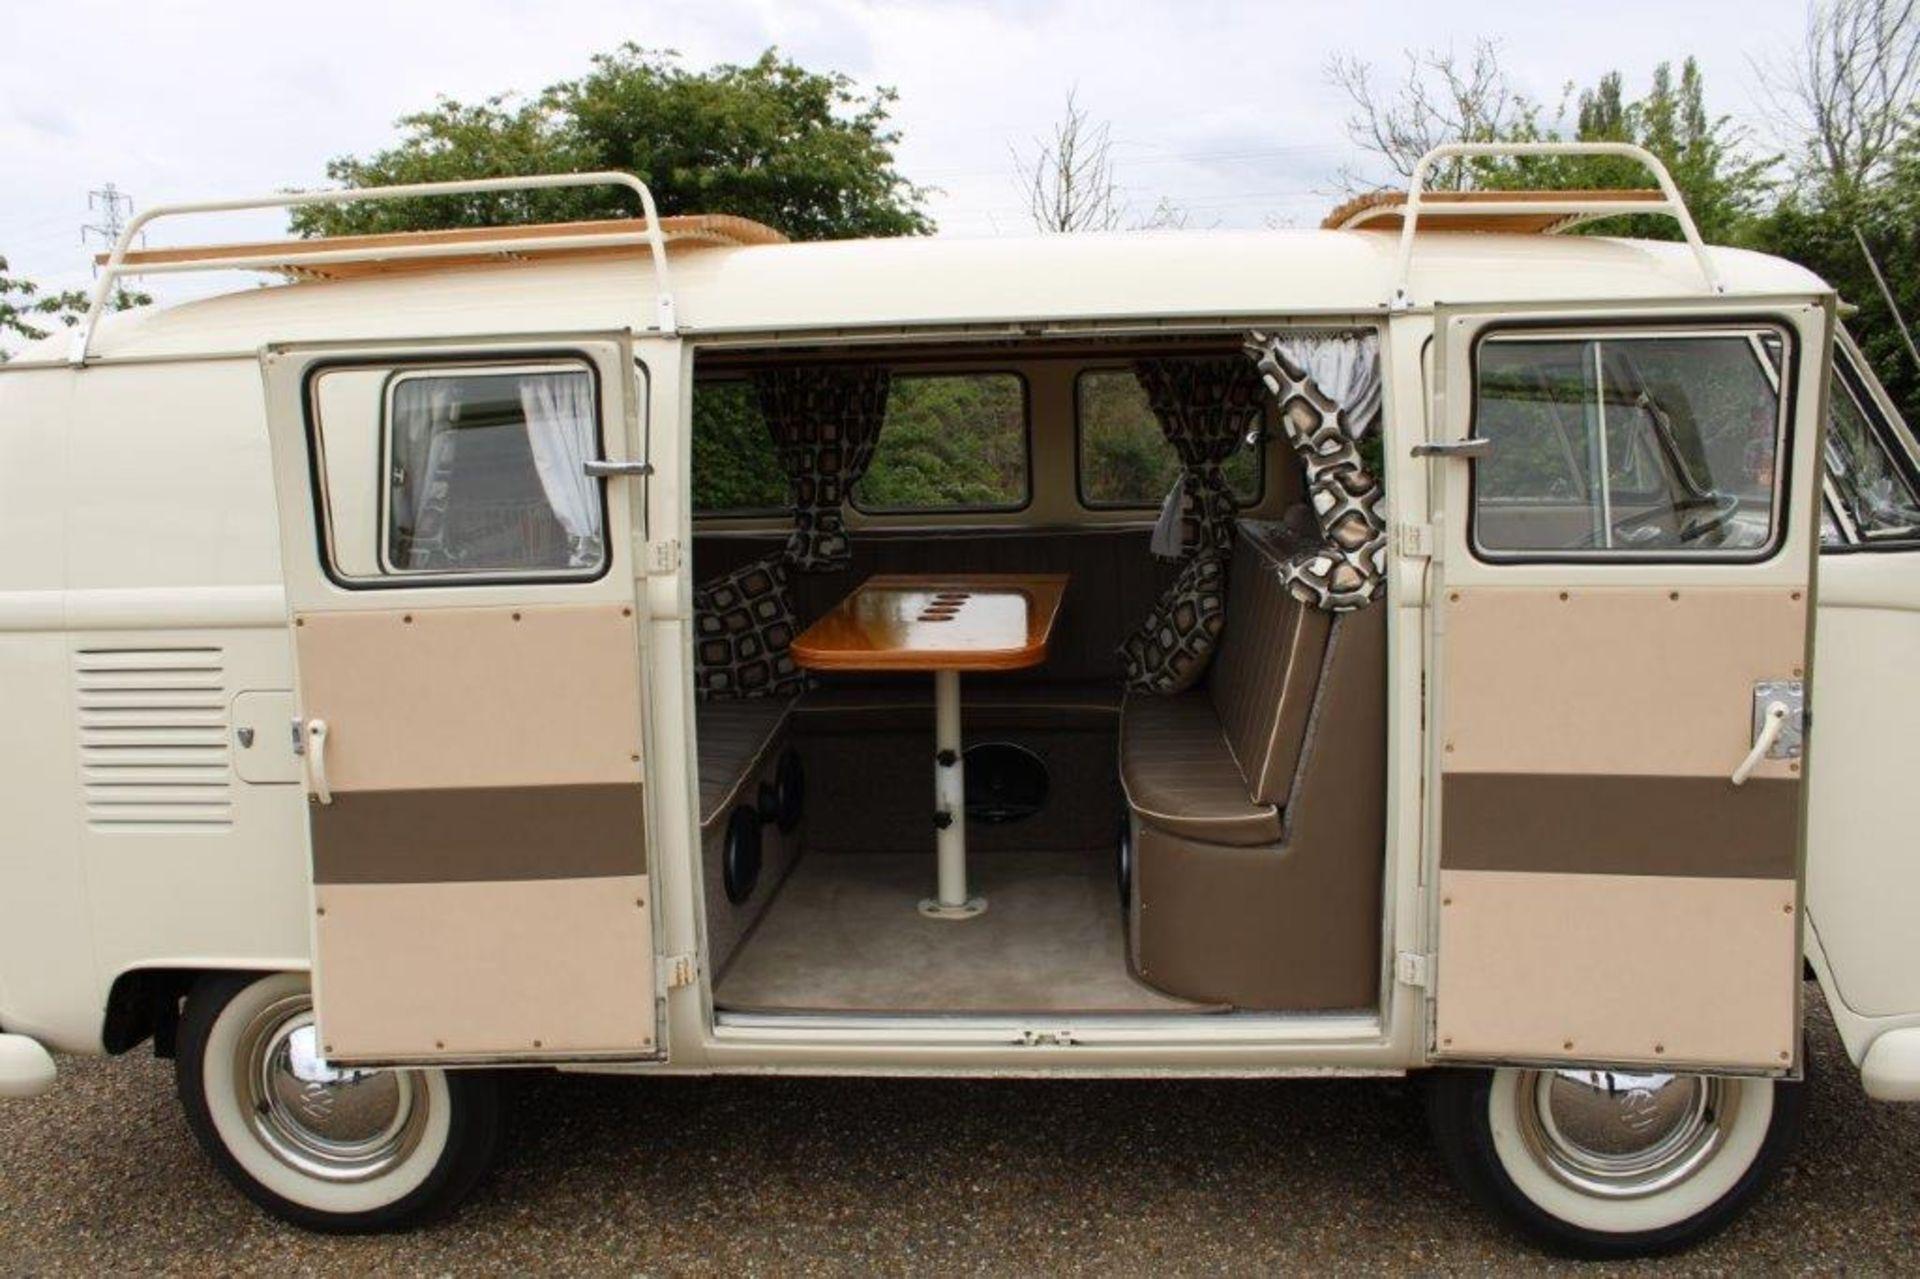 1966 Volkswagen Split Screen Camper LHD - Image 23 of 28